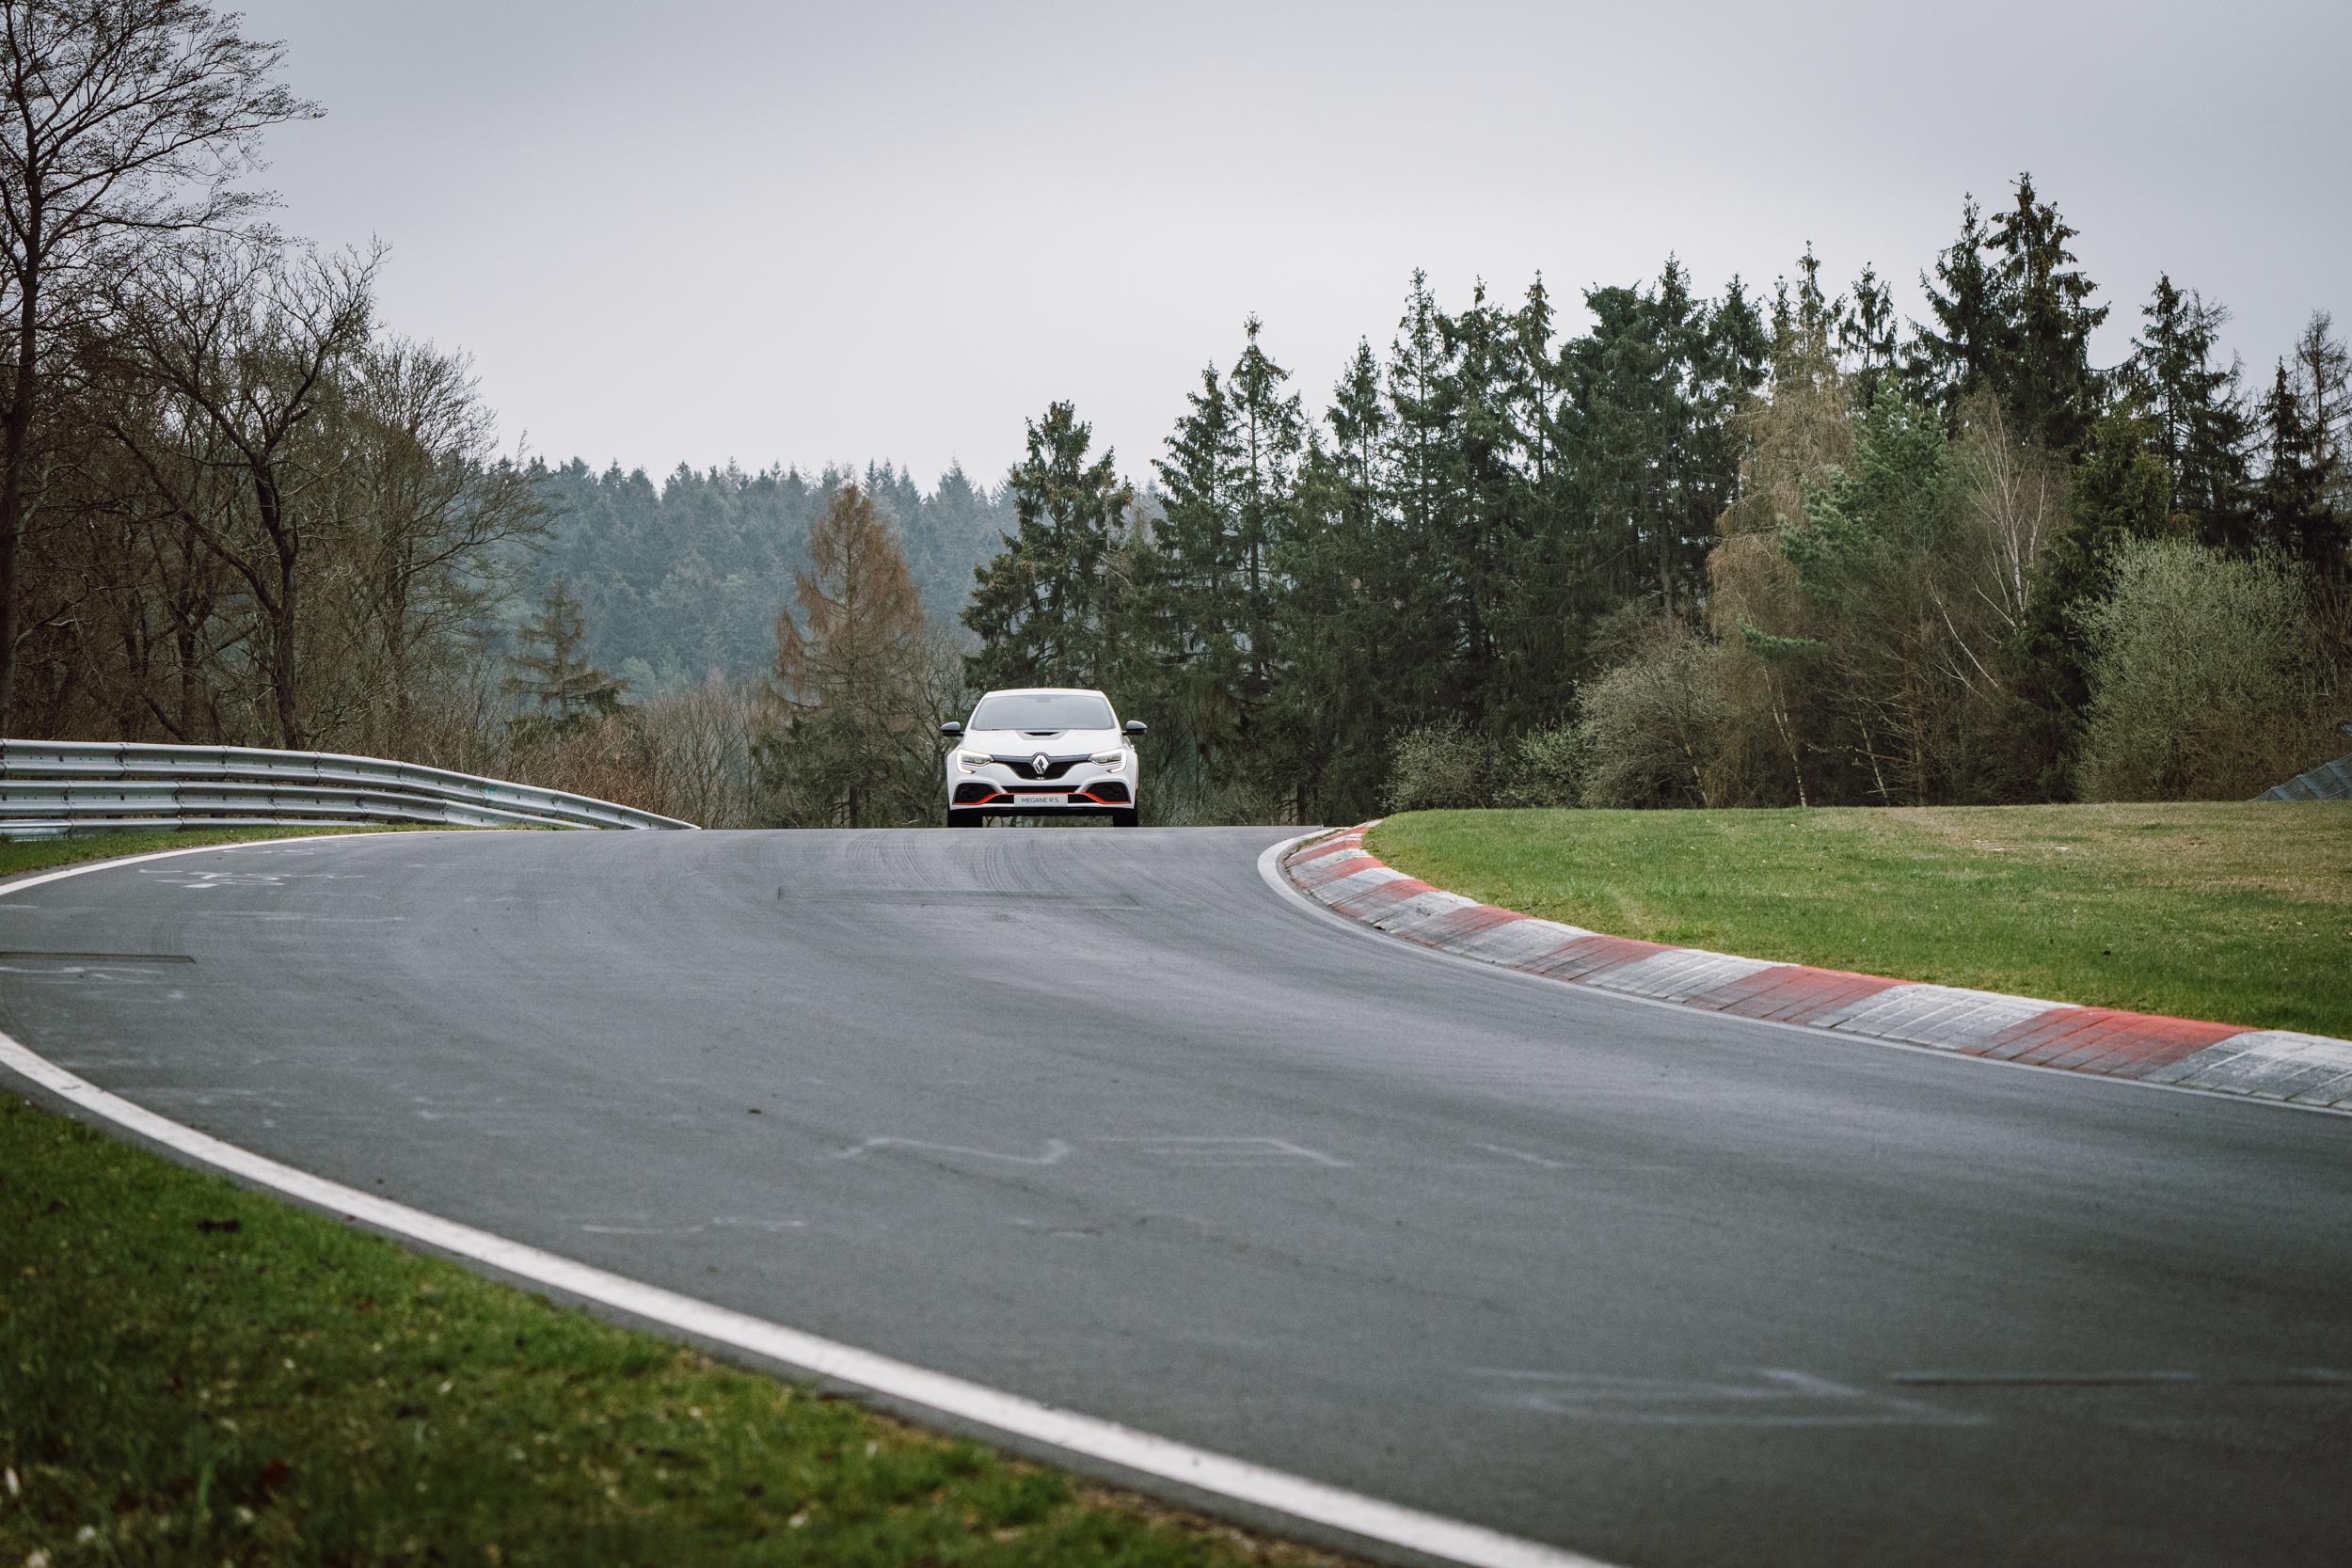 Renault Sport_Circuit Nurburgring_06-04-19_Florian Leger_SHARE & DARE_ HD_ N°-369.jpg